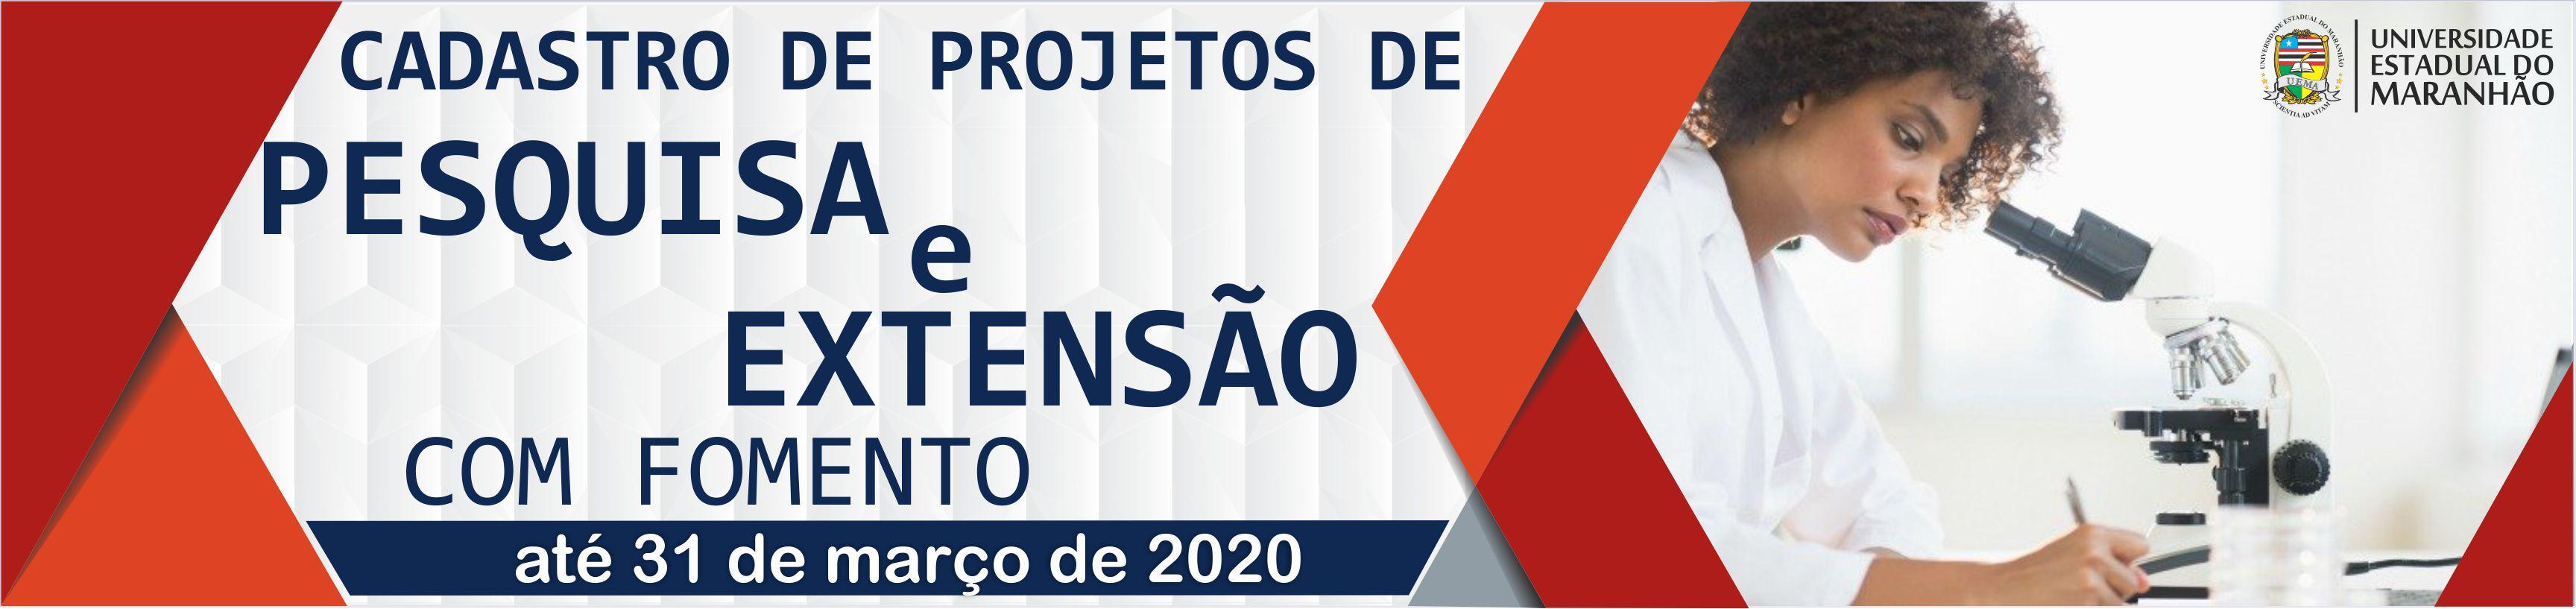 Divulgação_PROJETOS_Pesquisa_com_fomento_2020